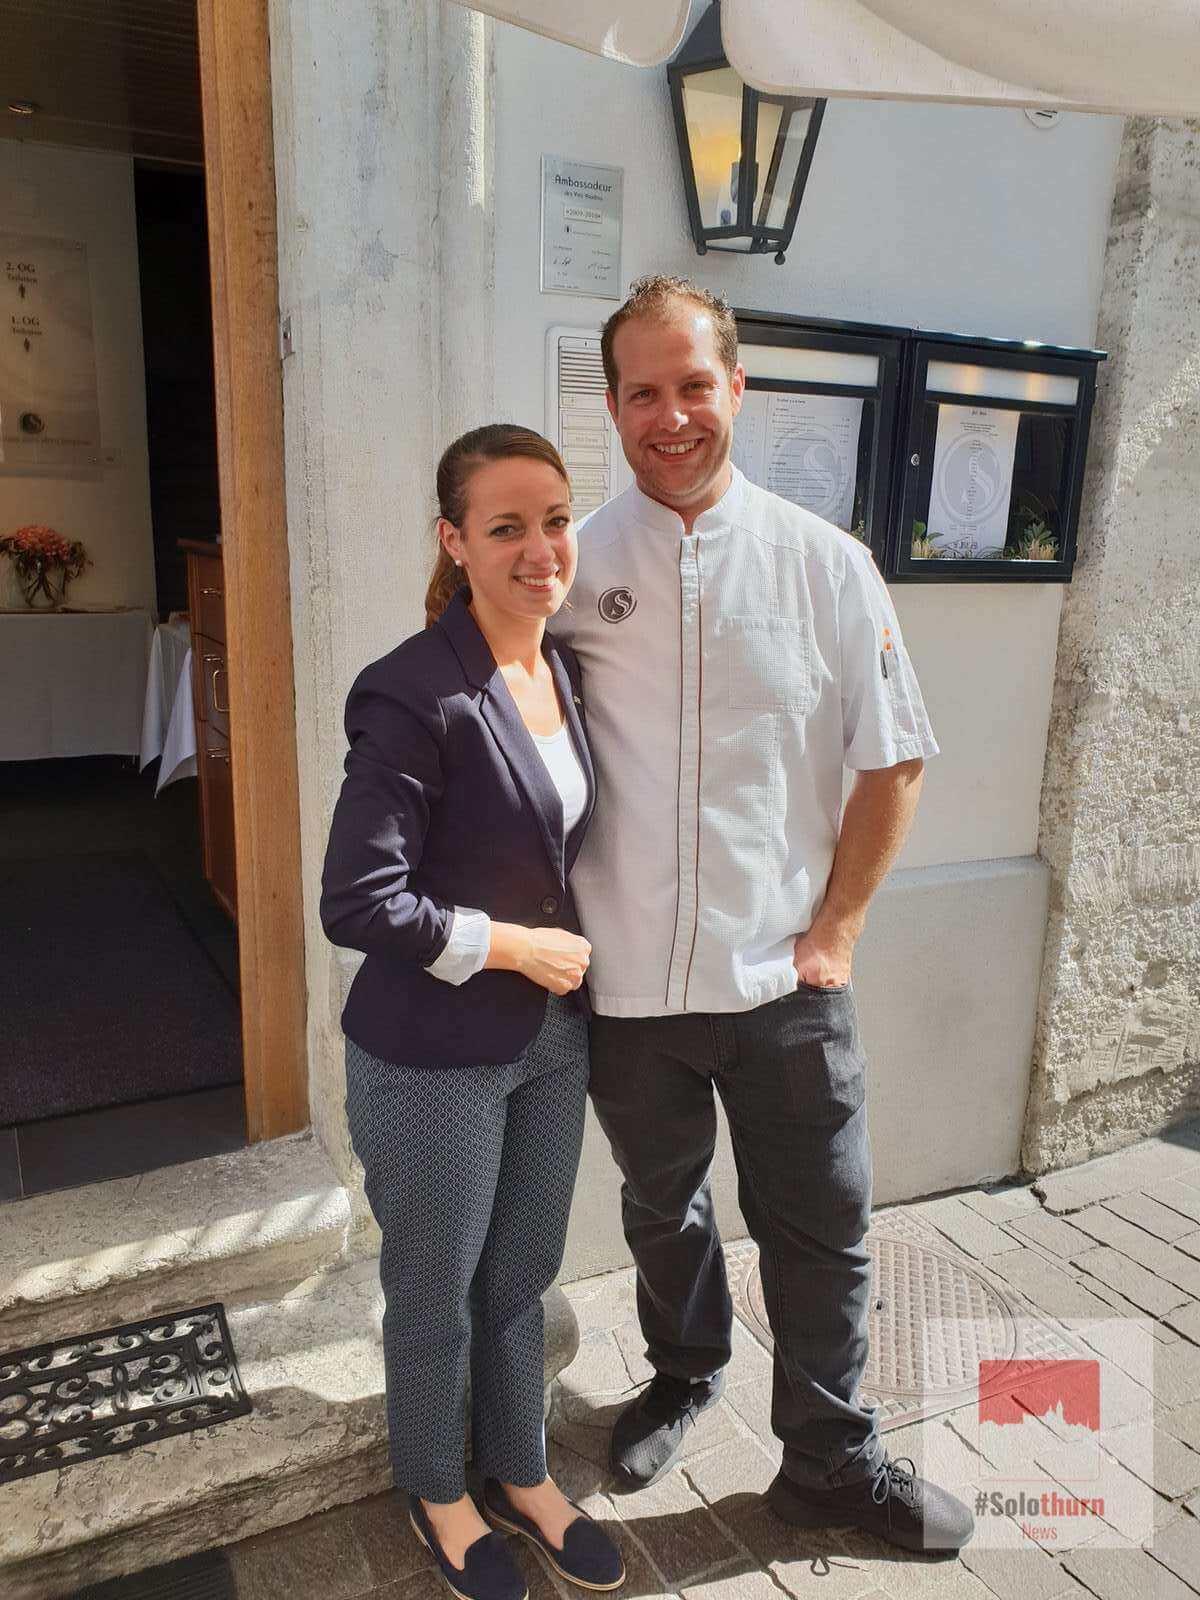 Tamara & Stefan Bader (Restaurant Zum alten Stephan, Solothurn)